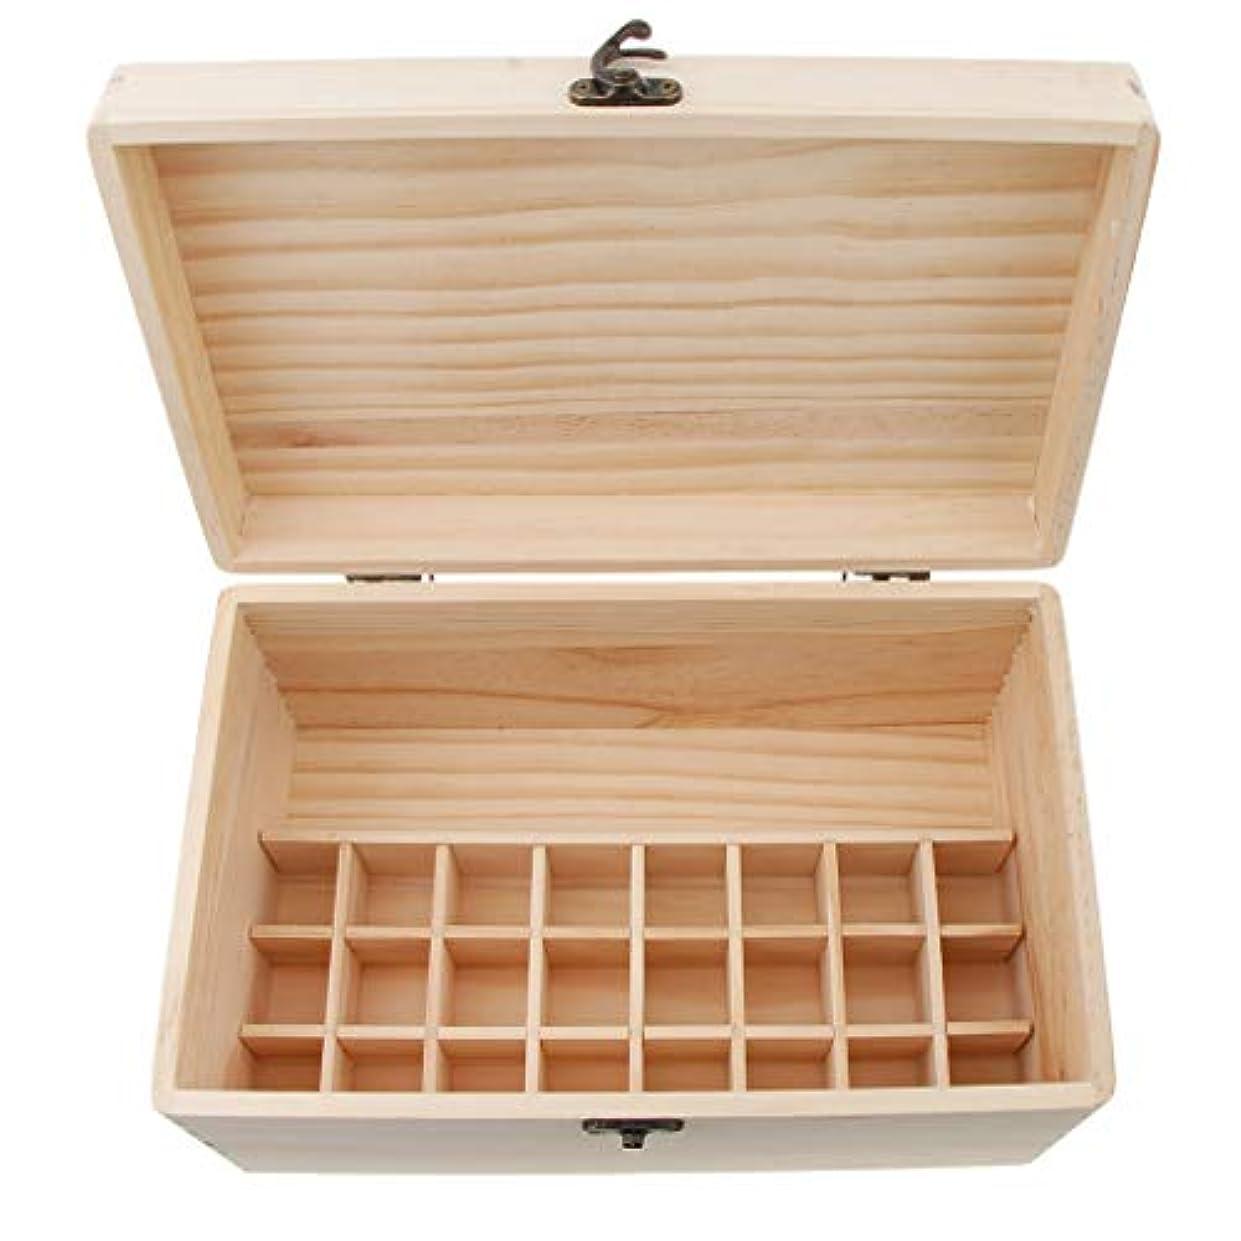 面積堀惑星dailymall エッセンシャルオイル 収納ボックス 木製 24グリッド ガラスボトル 香水収納 保存 可動仕切り板